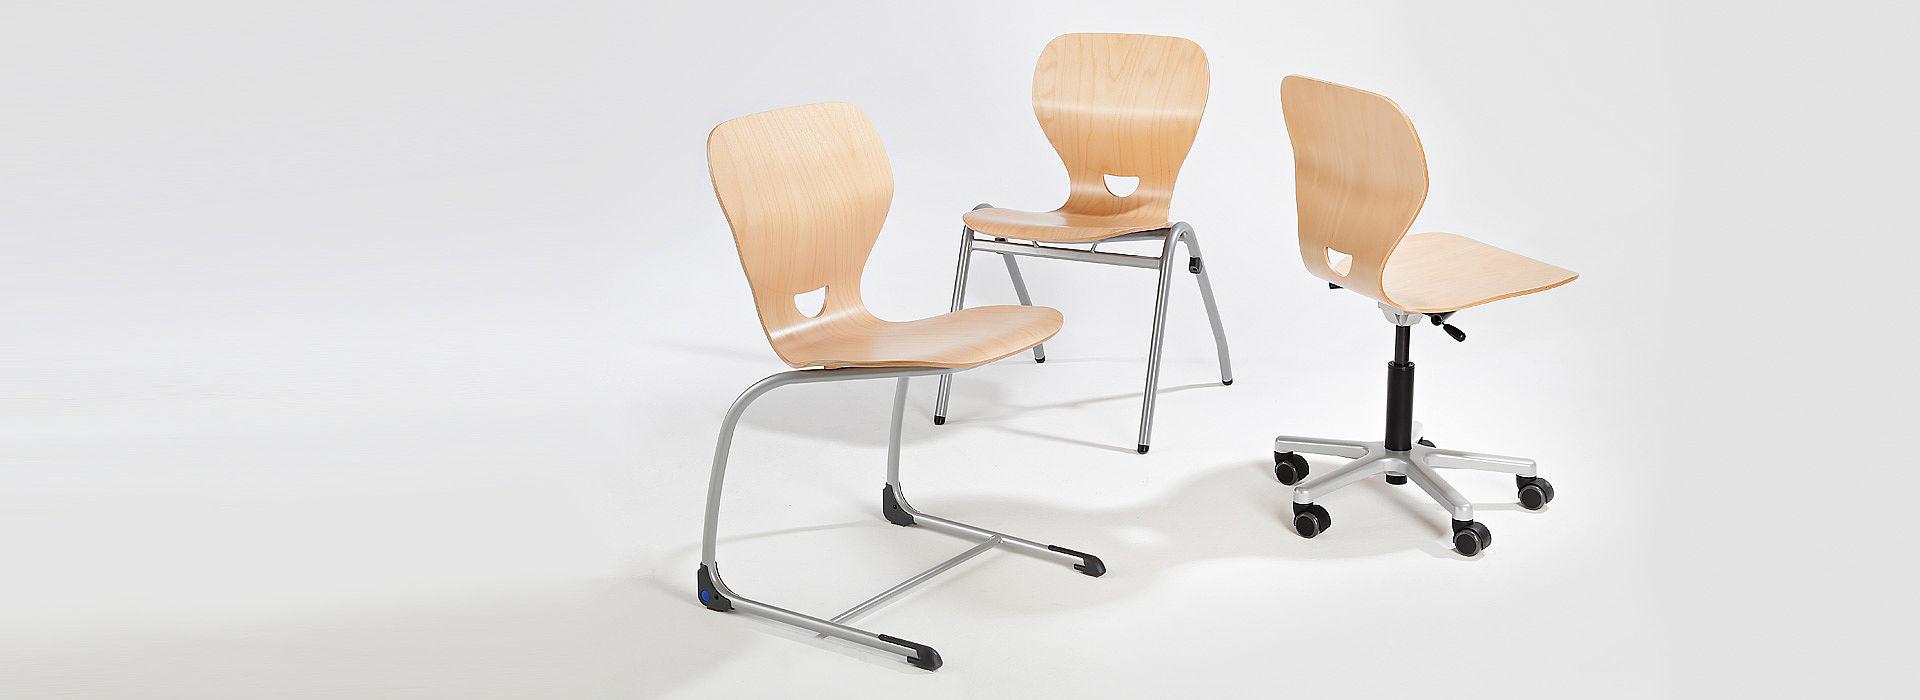 Bild: SEDIAMO® Ligno Stühle - SEDIAMO® Swing Ligno, Cross Ligno und Elan Ligno